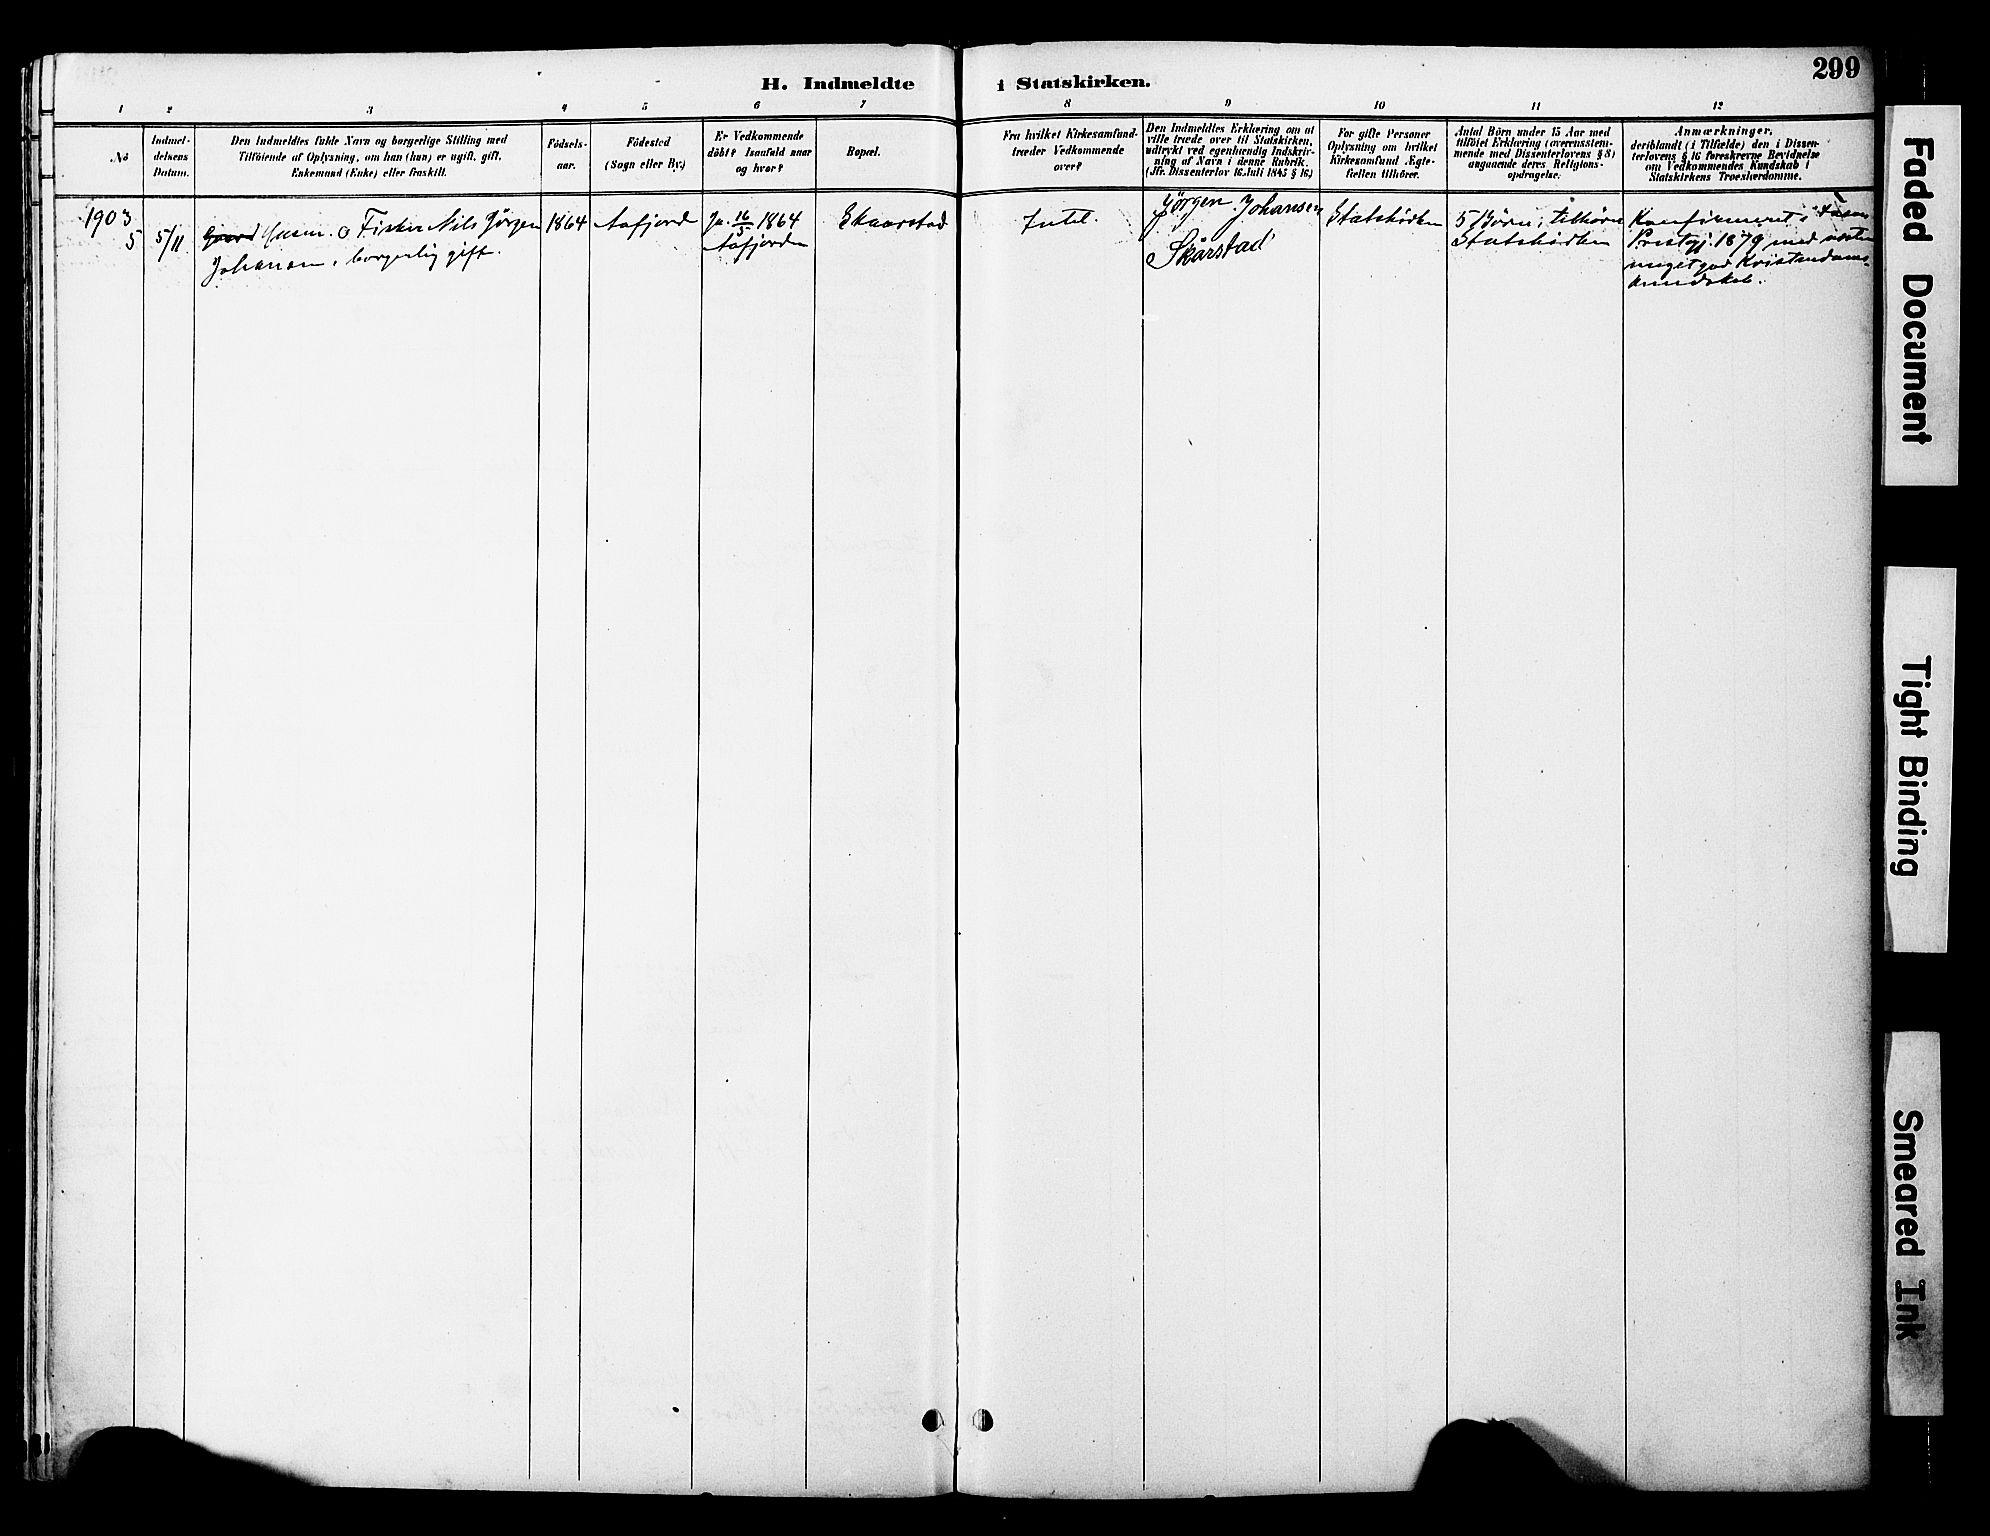 SAT, Ministerialprotokoller, klokkerbøker og fødselsregistre - Nord-Trøndelag, 774/L0628: Ministerialbok nr. 774A02, 1887-1903, s. 299